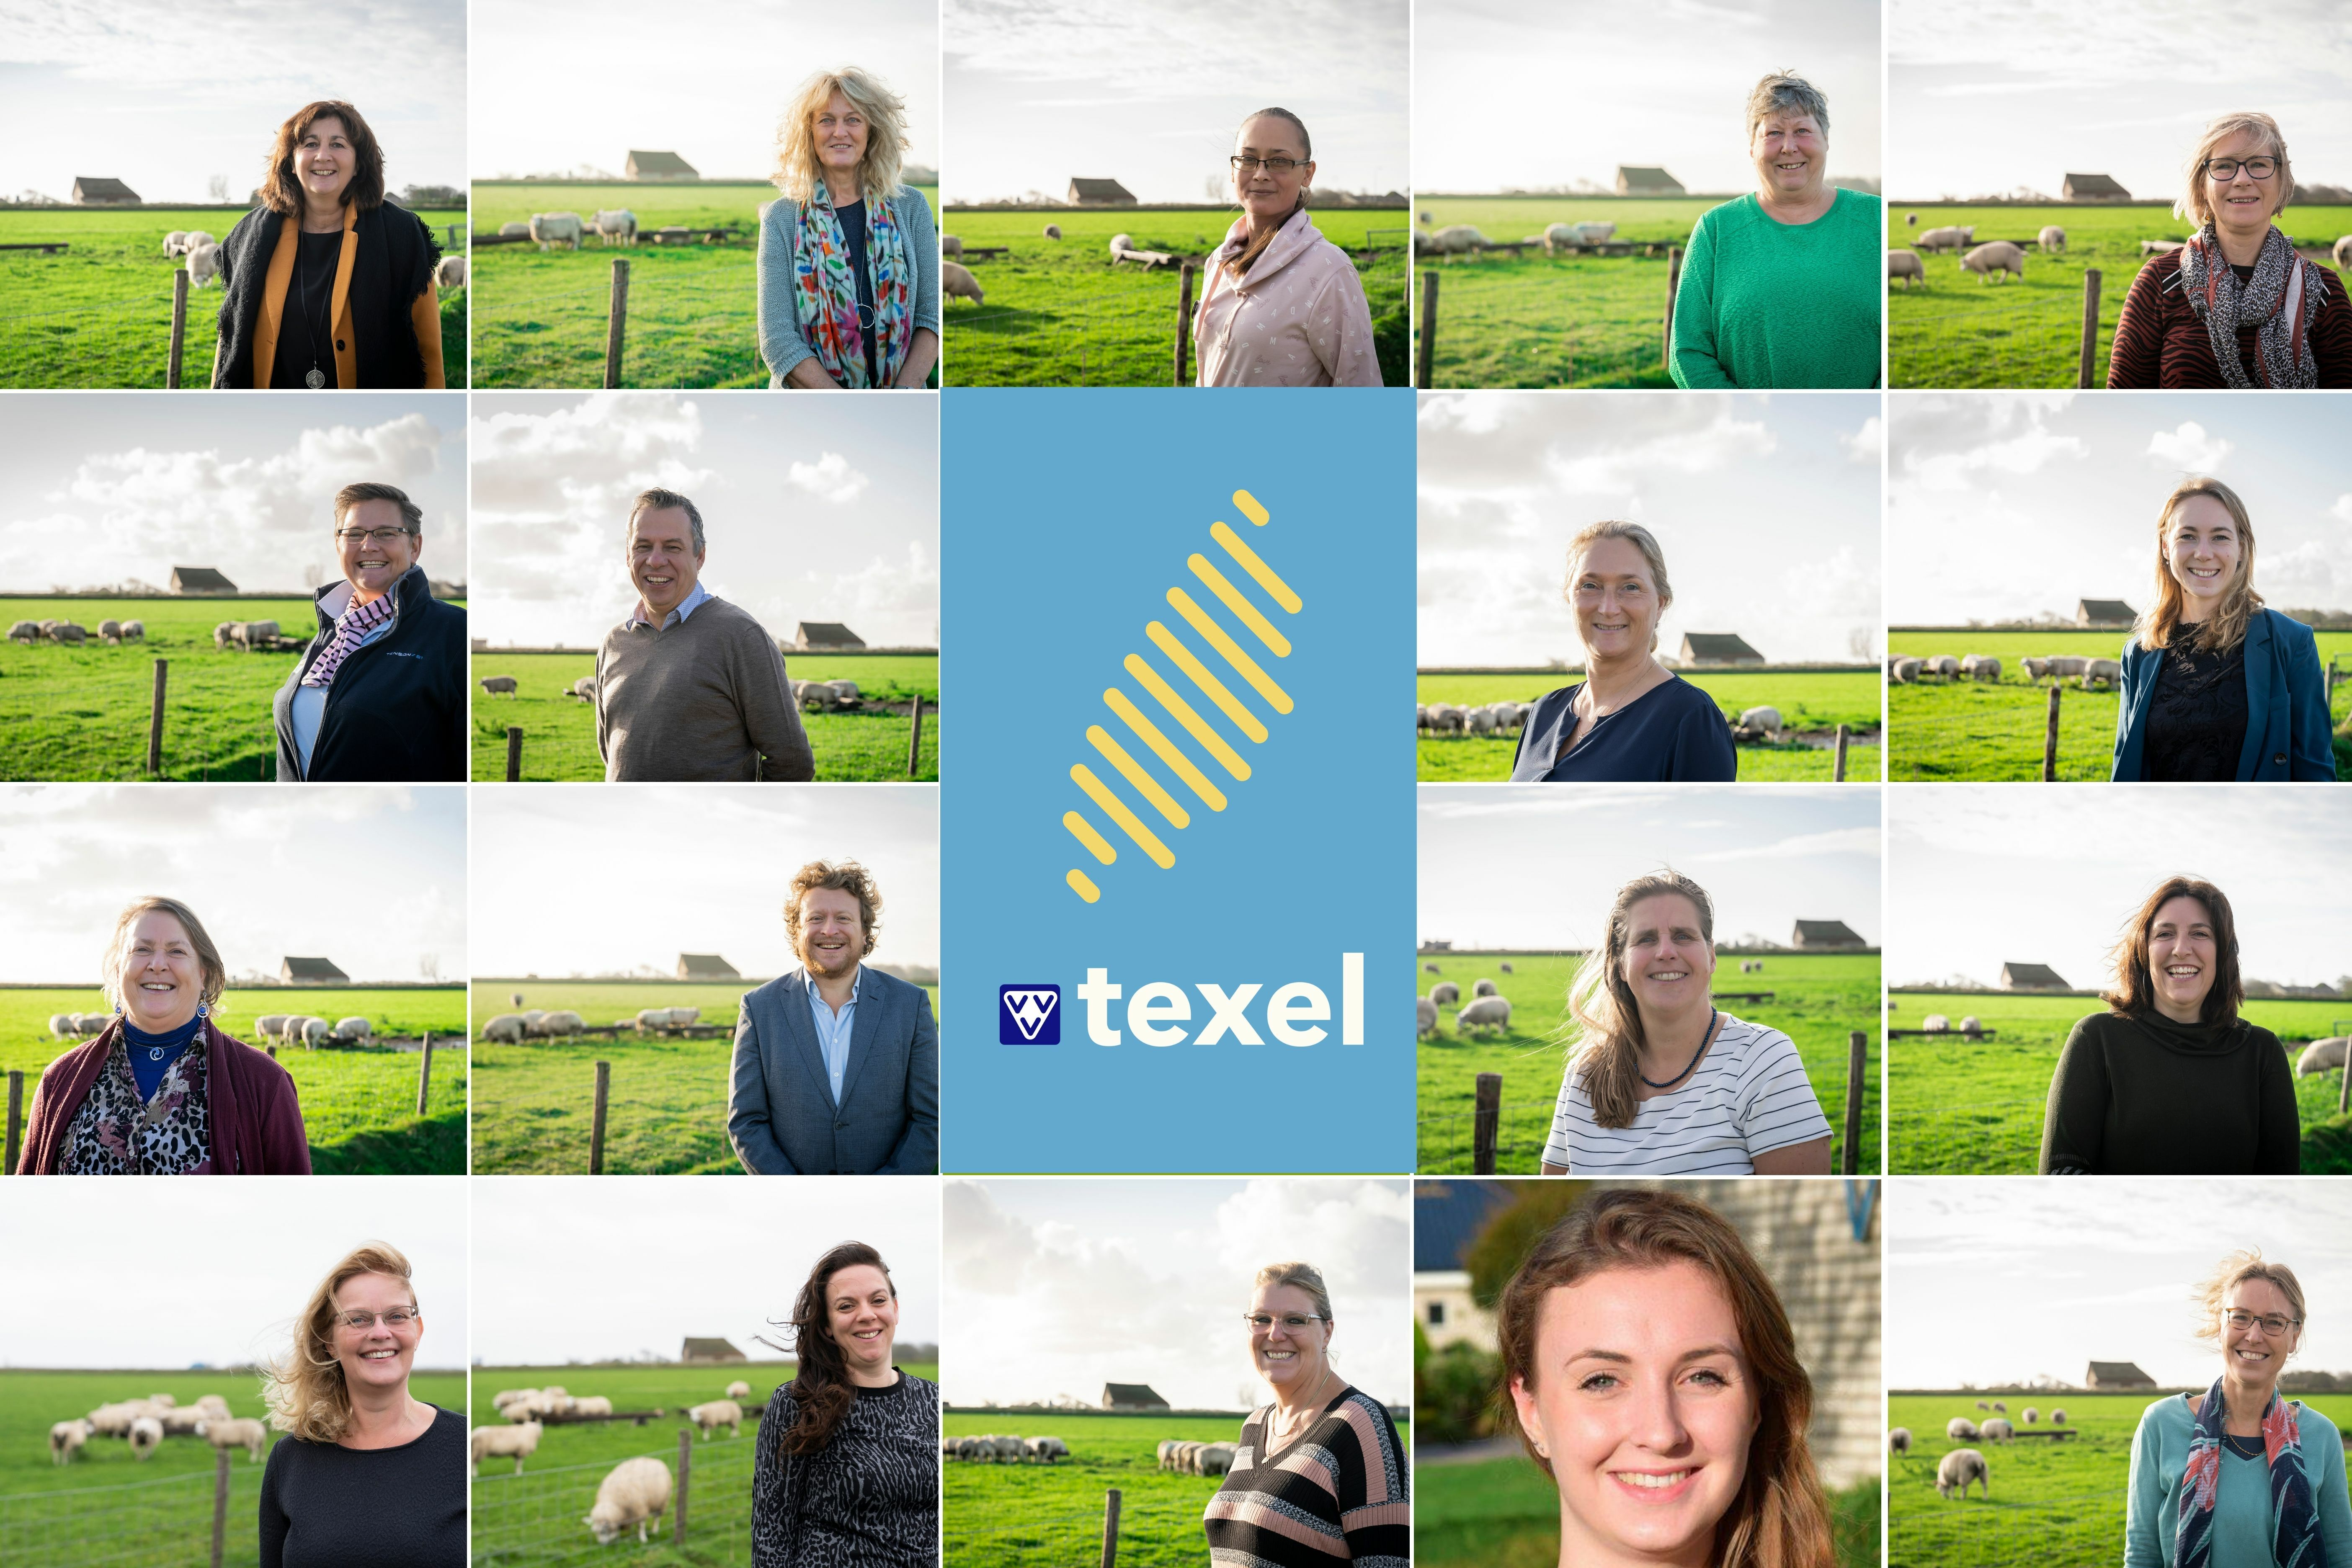 Team van VVV Texel